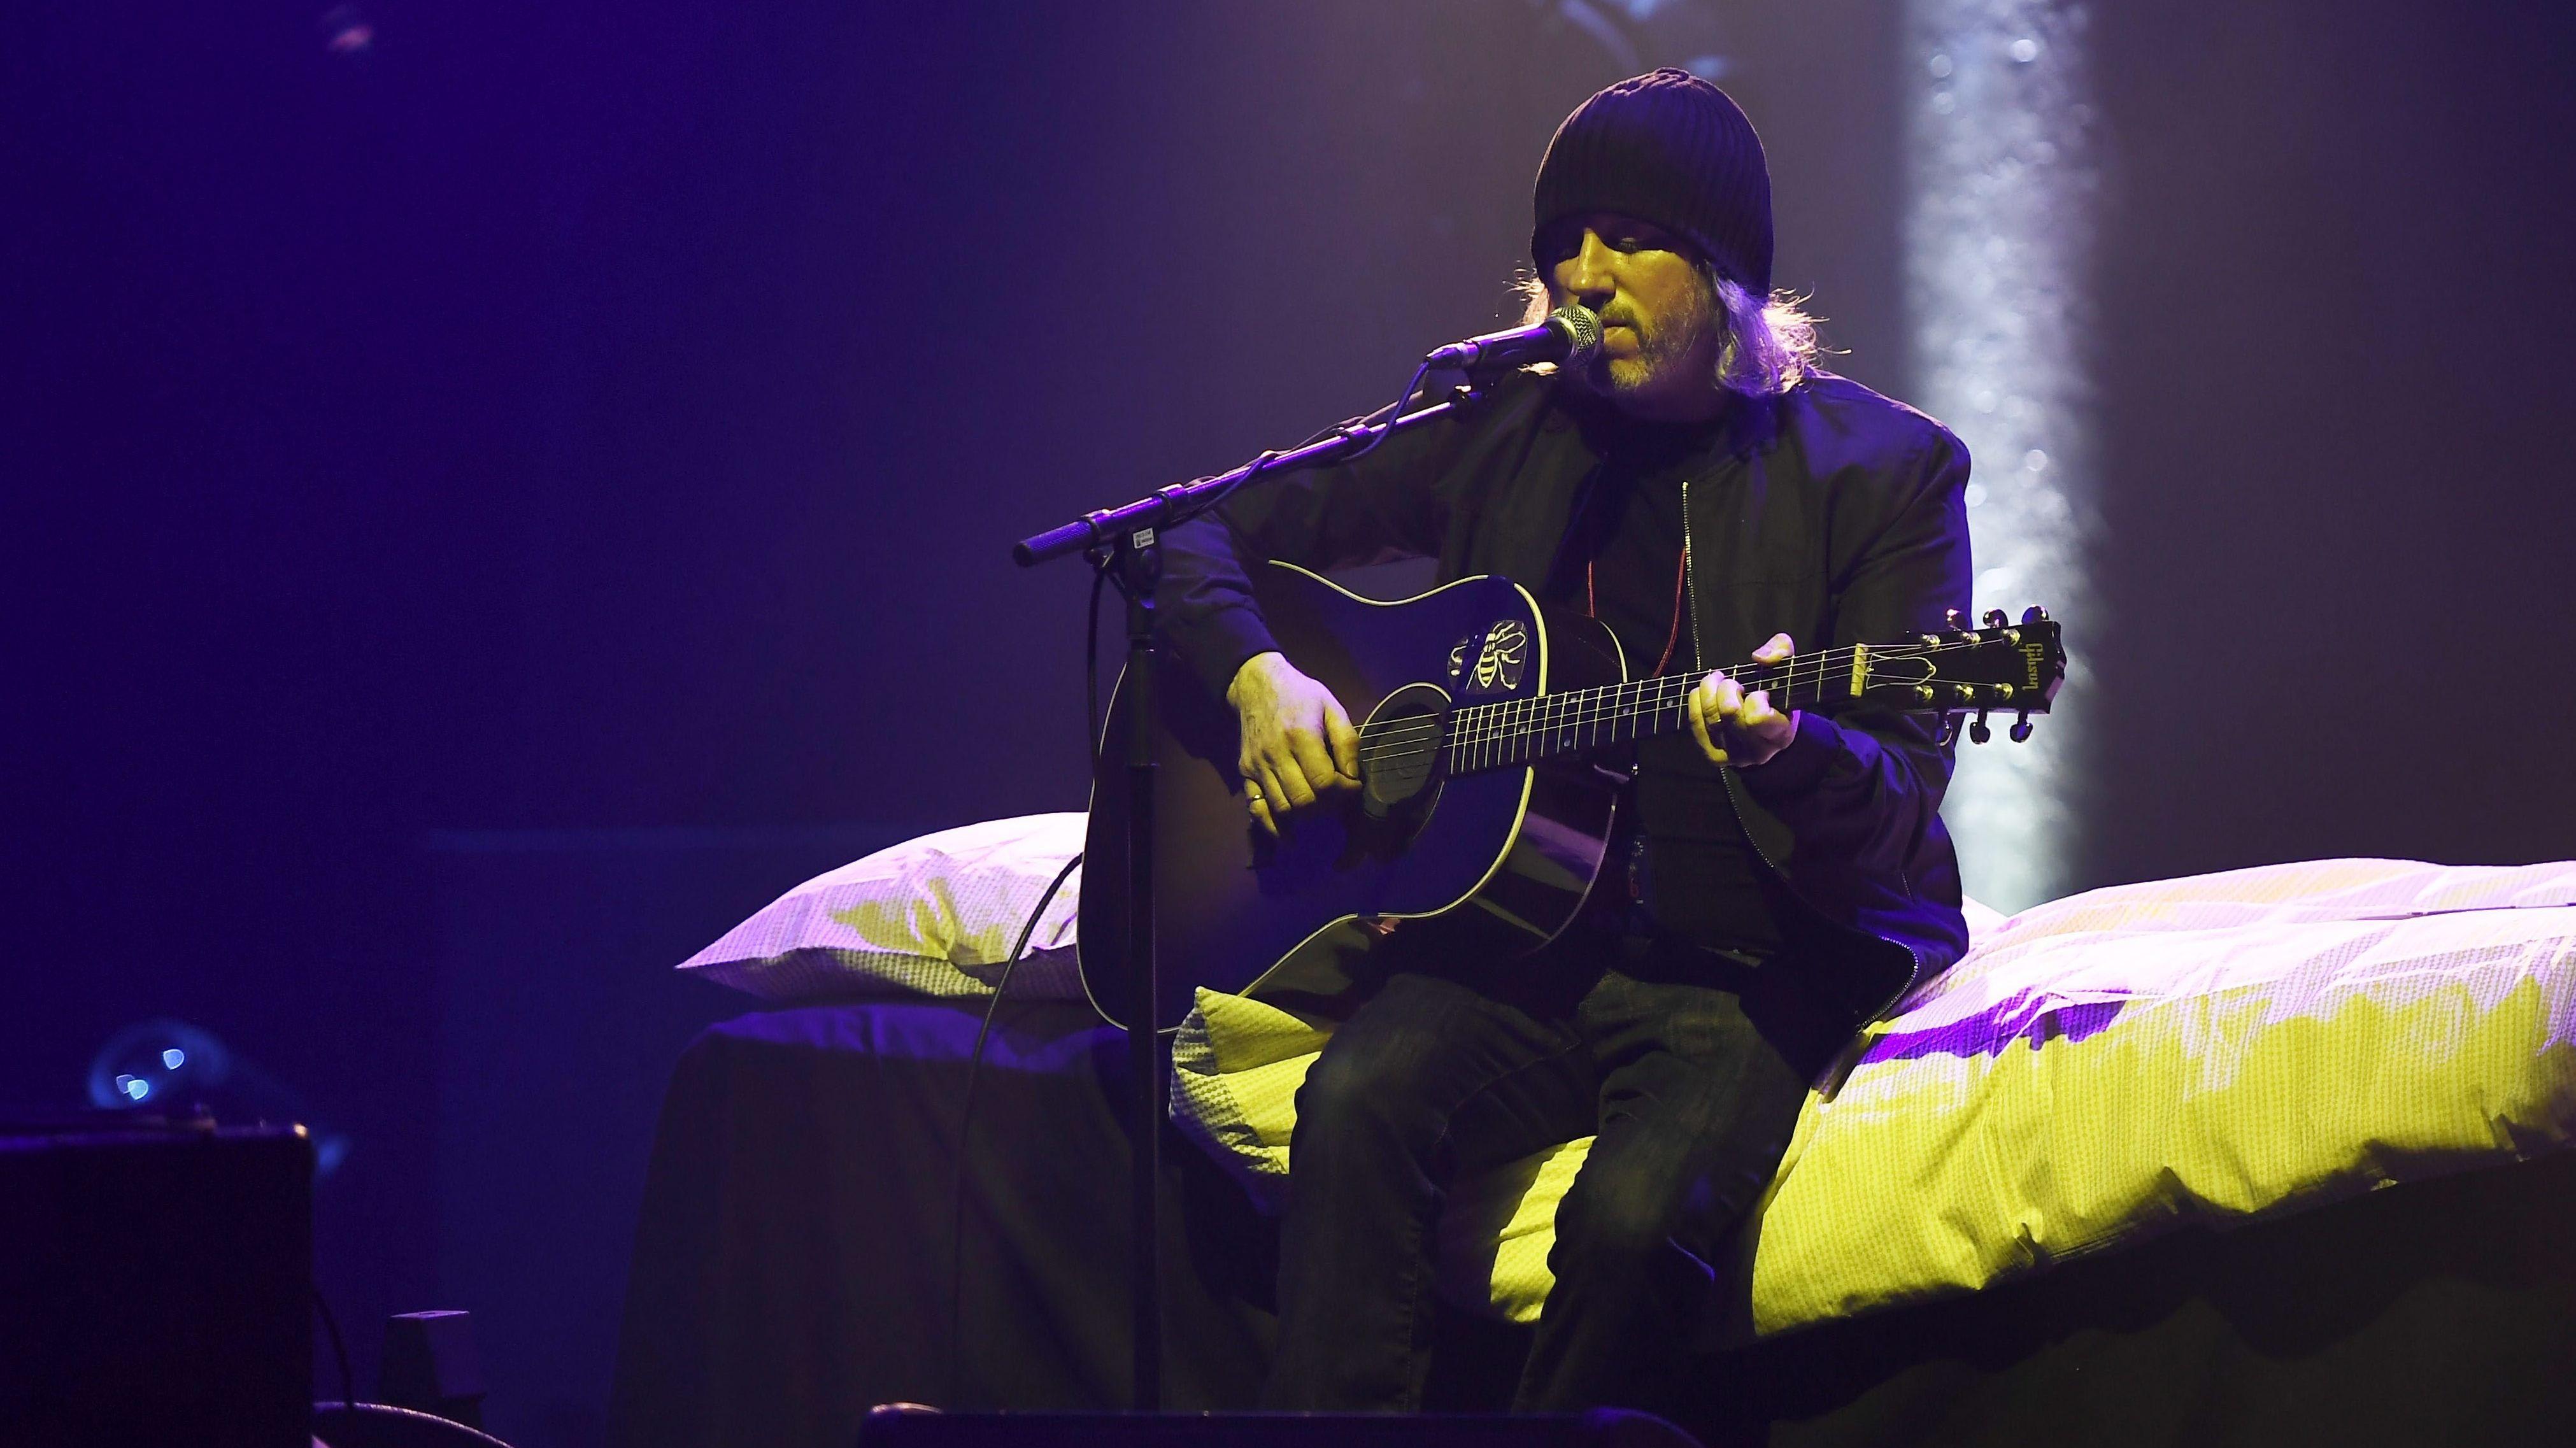 Ein Mann mit Gitarre in einem tiefblauen Raum sitzt mit Mütze auf einem Bett mit leuchtend gelber Decke